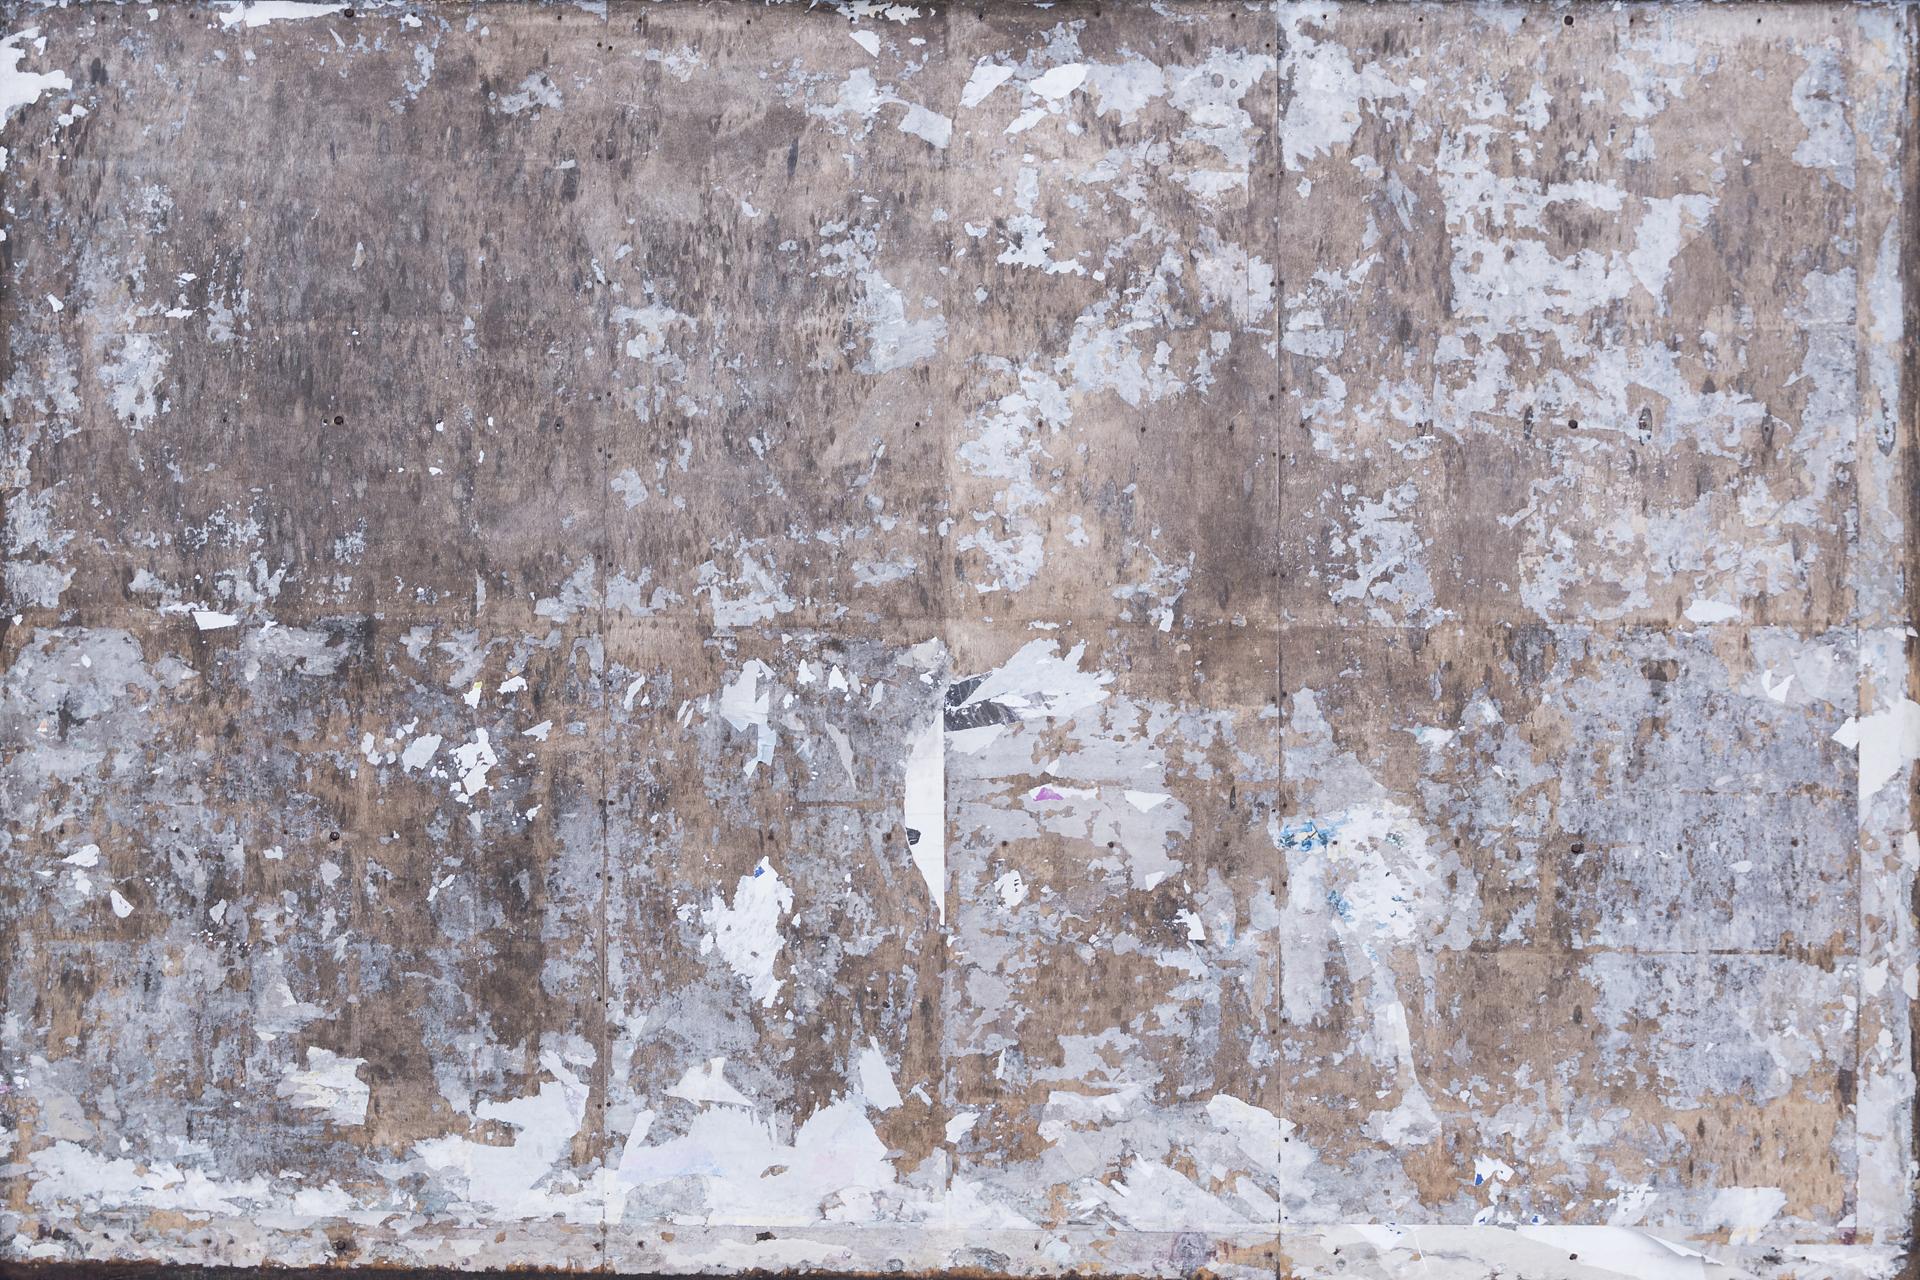 rückständig XI • Lambda-Print auf FUJIFILM Crystal Archive DPII, 60 x 40 cm, rahmenloser Bilderhalter • Auflage: 5 + 2 Artist's Proof